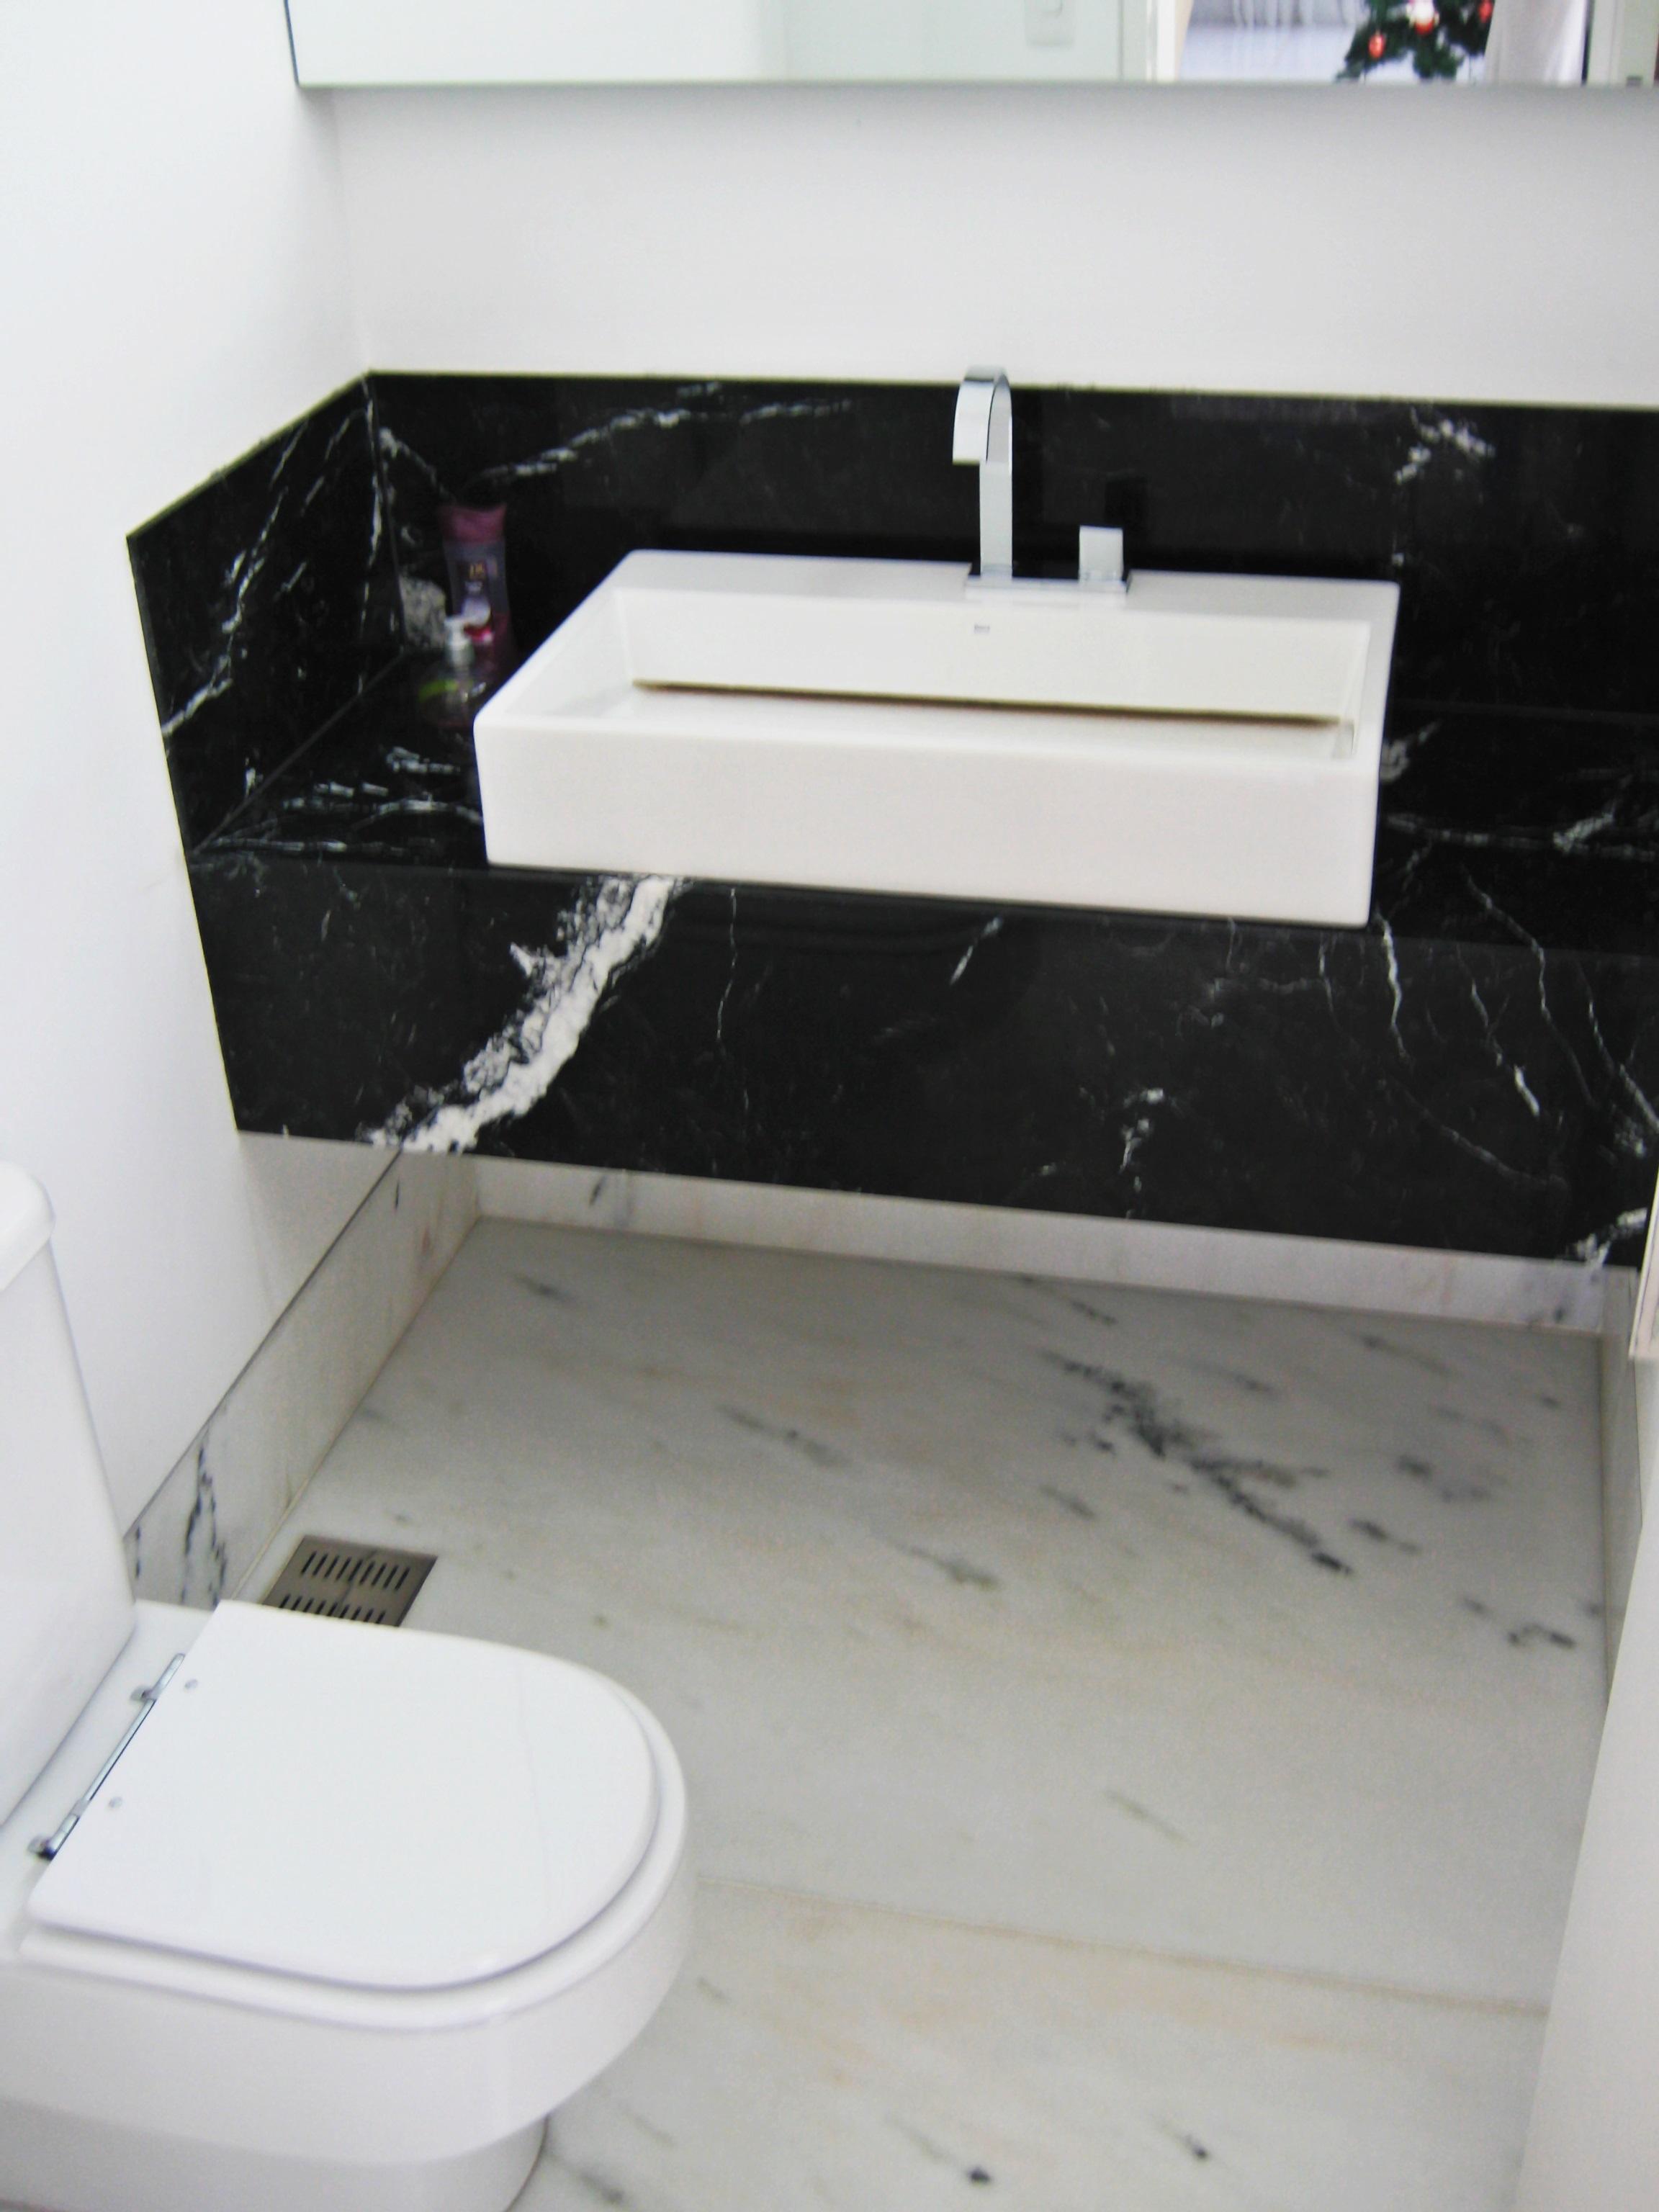 Imagens de #484E5C 084] Lavatório em Mármore Nero Marquina e Piso em Mármore Branco  2304x3072 px 3686 Banheiros Residenciais Imagens